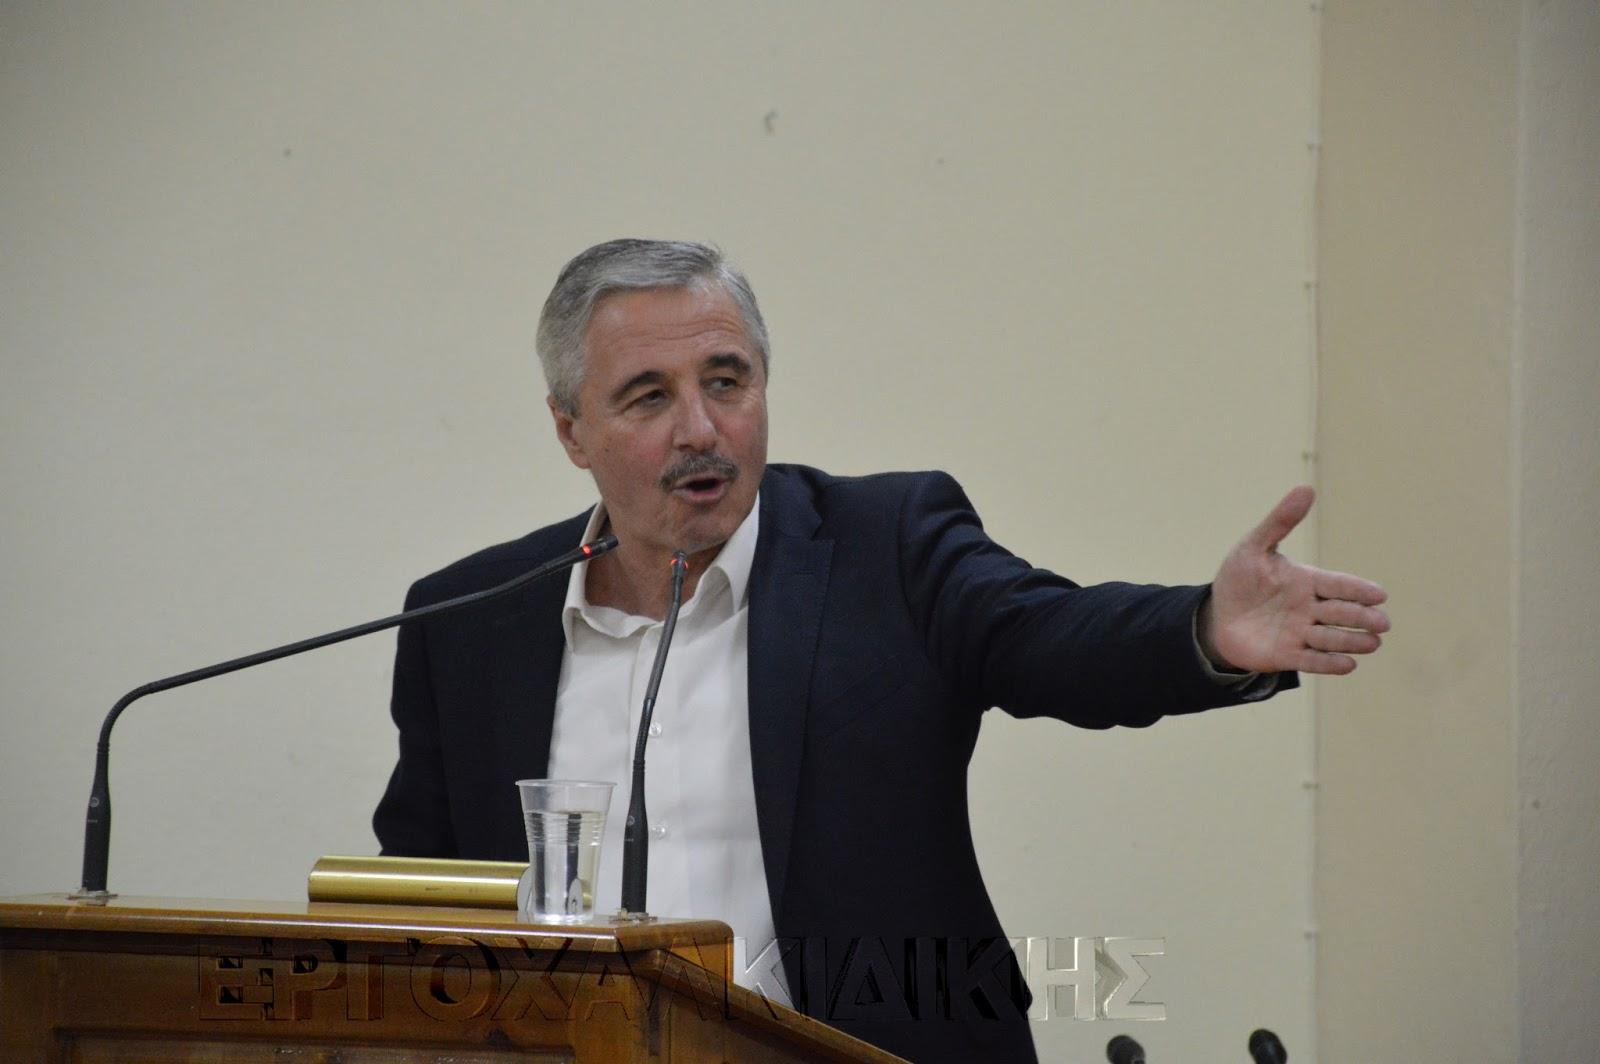 Μανιάτης: Χάνονται 2.500 θέσεις εργασίας και ο κ. Τσίπρας κρύβεται